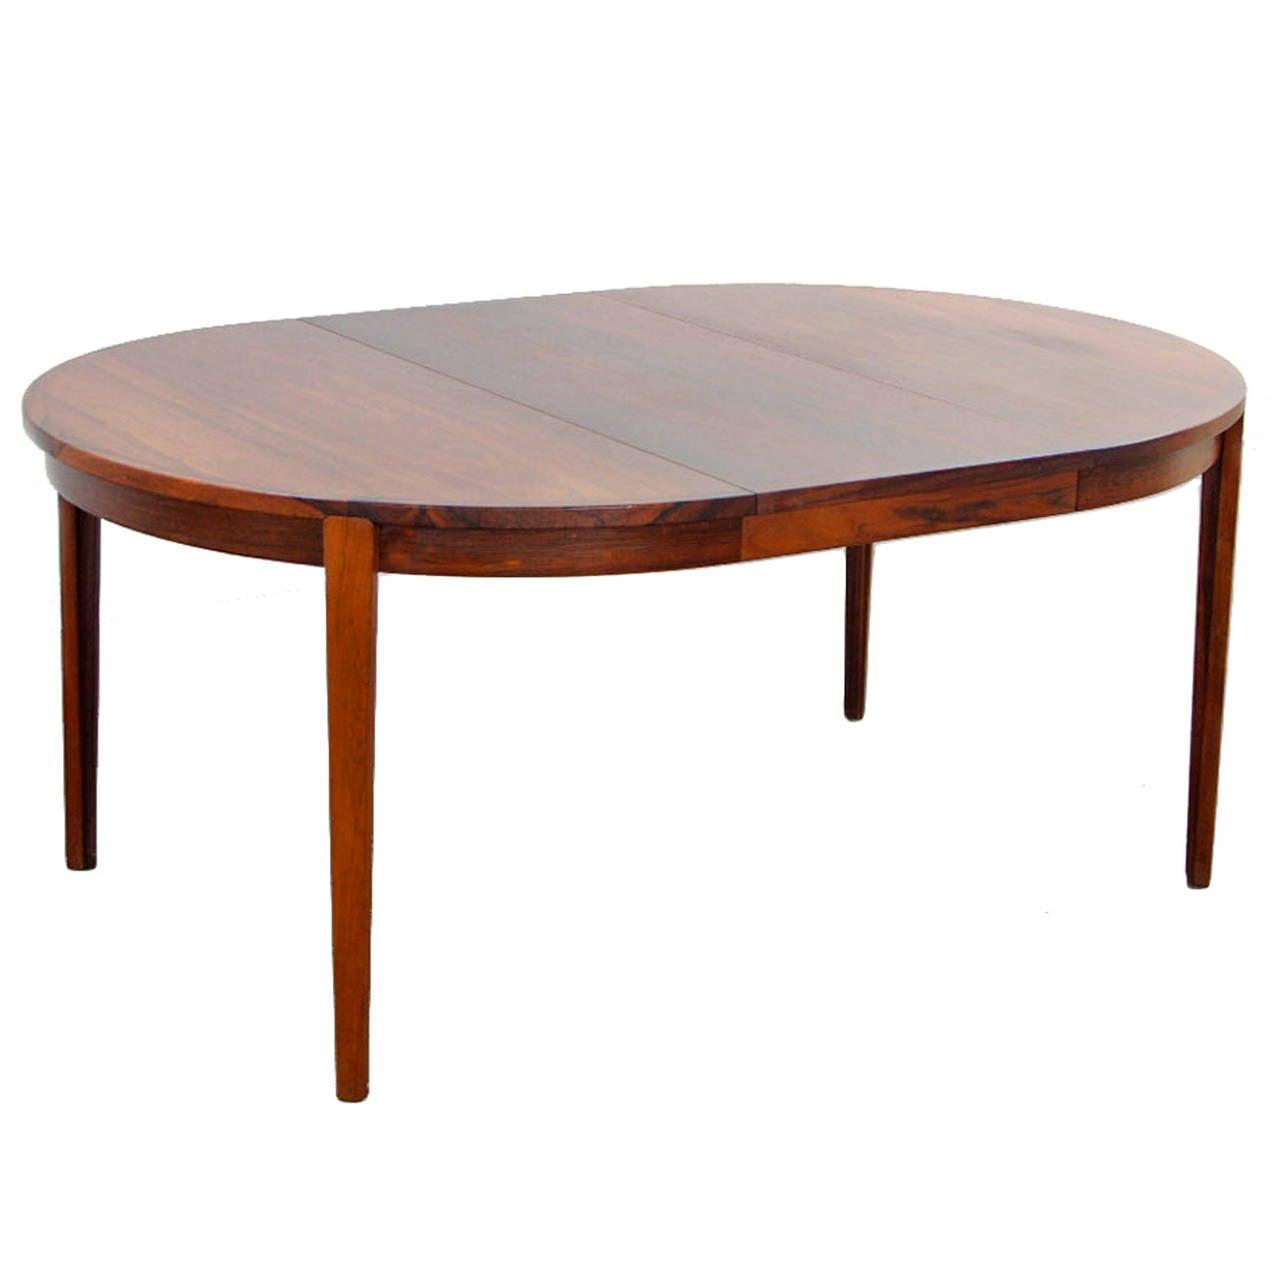 rosewood dining table by rosengren hansen danish modern 1960s